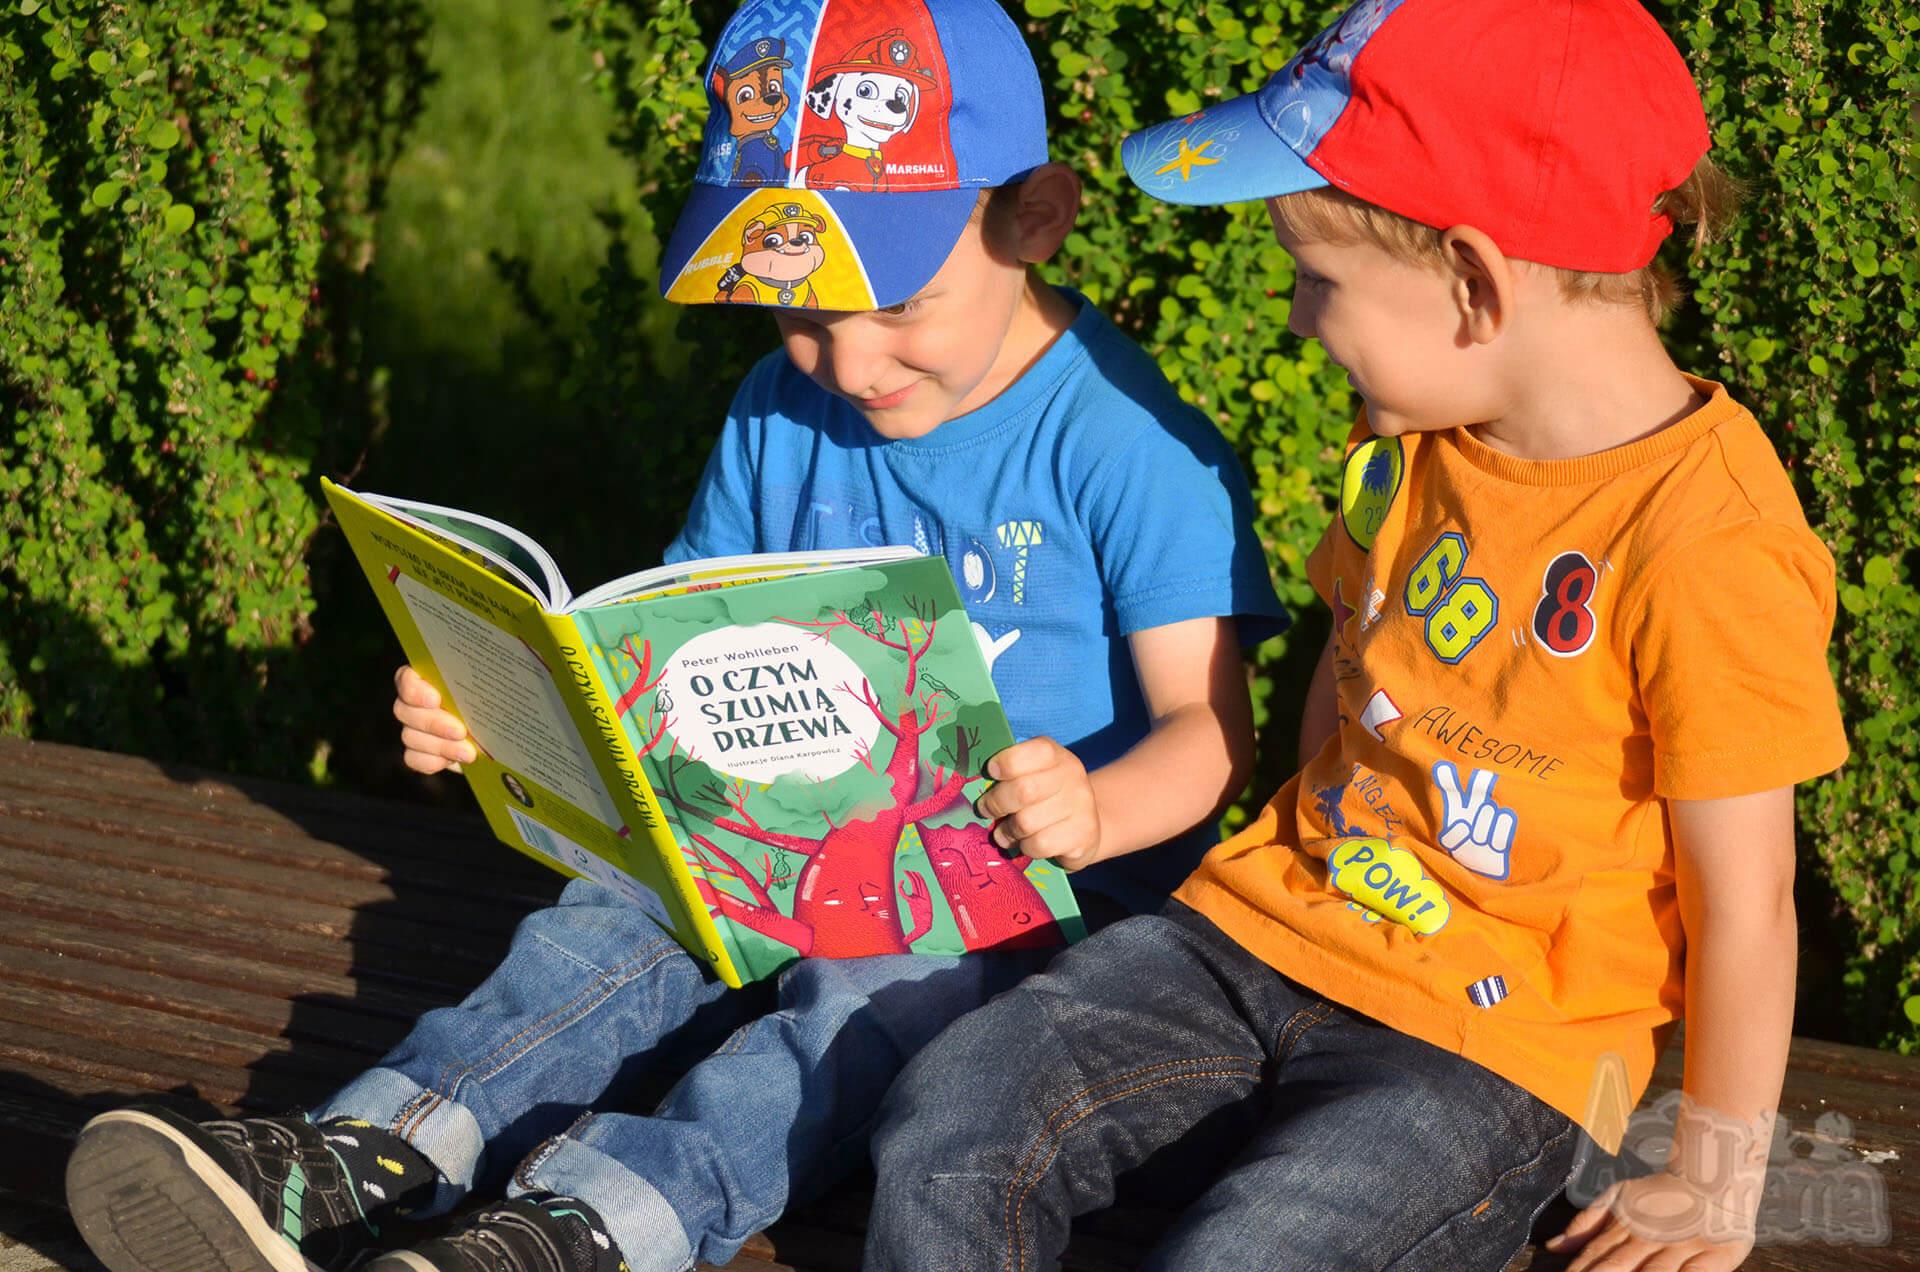 bracia czytają książkę razem